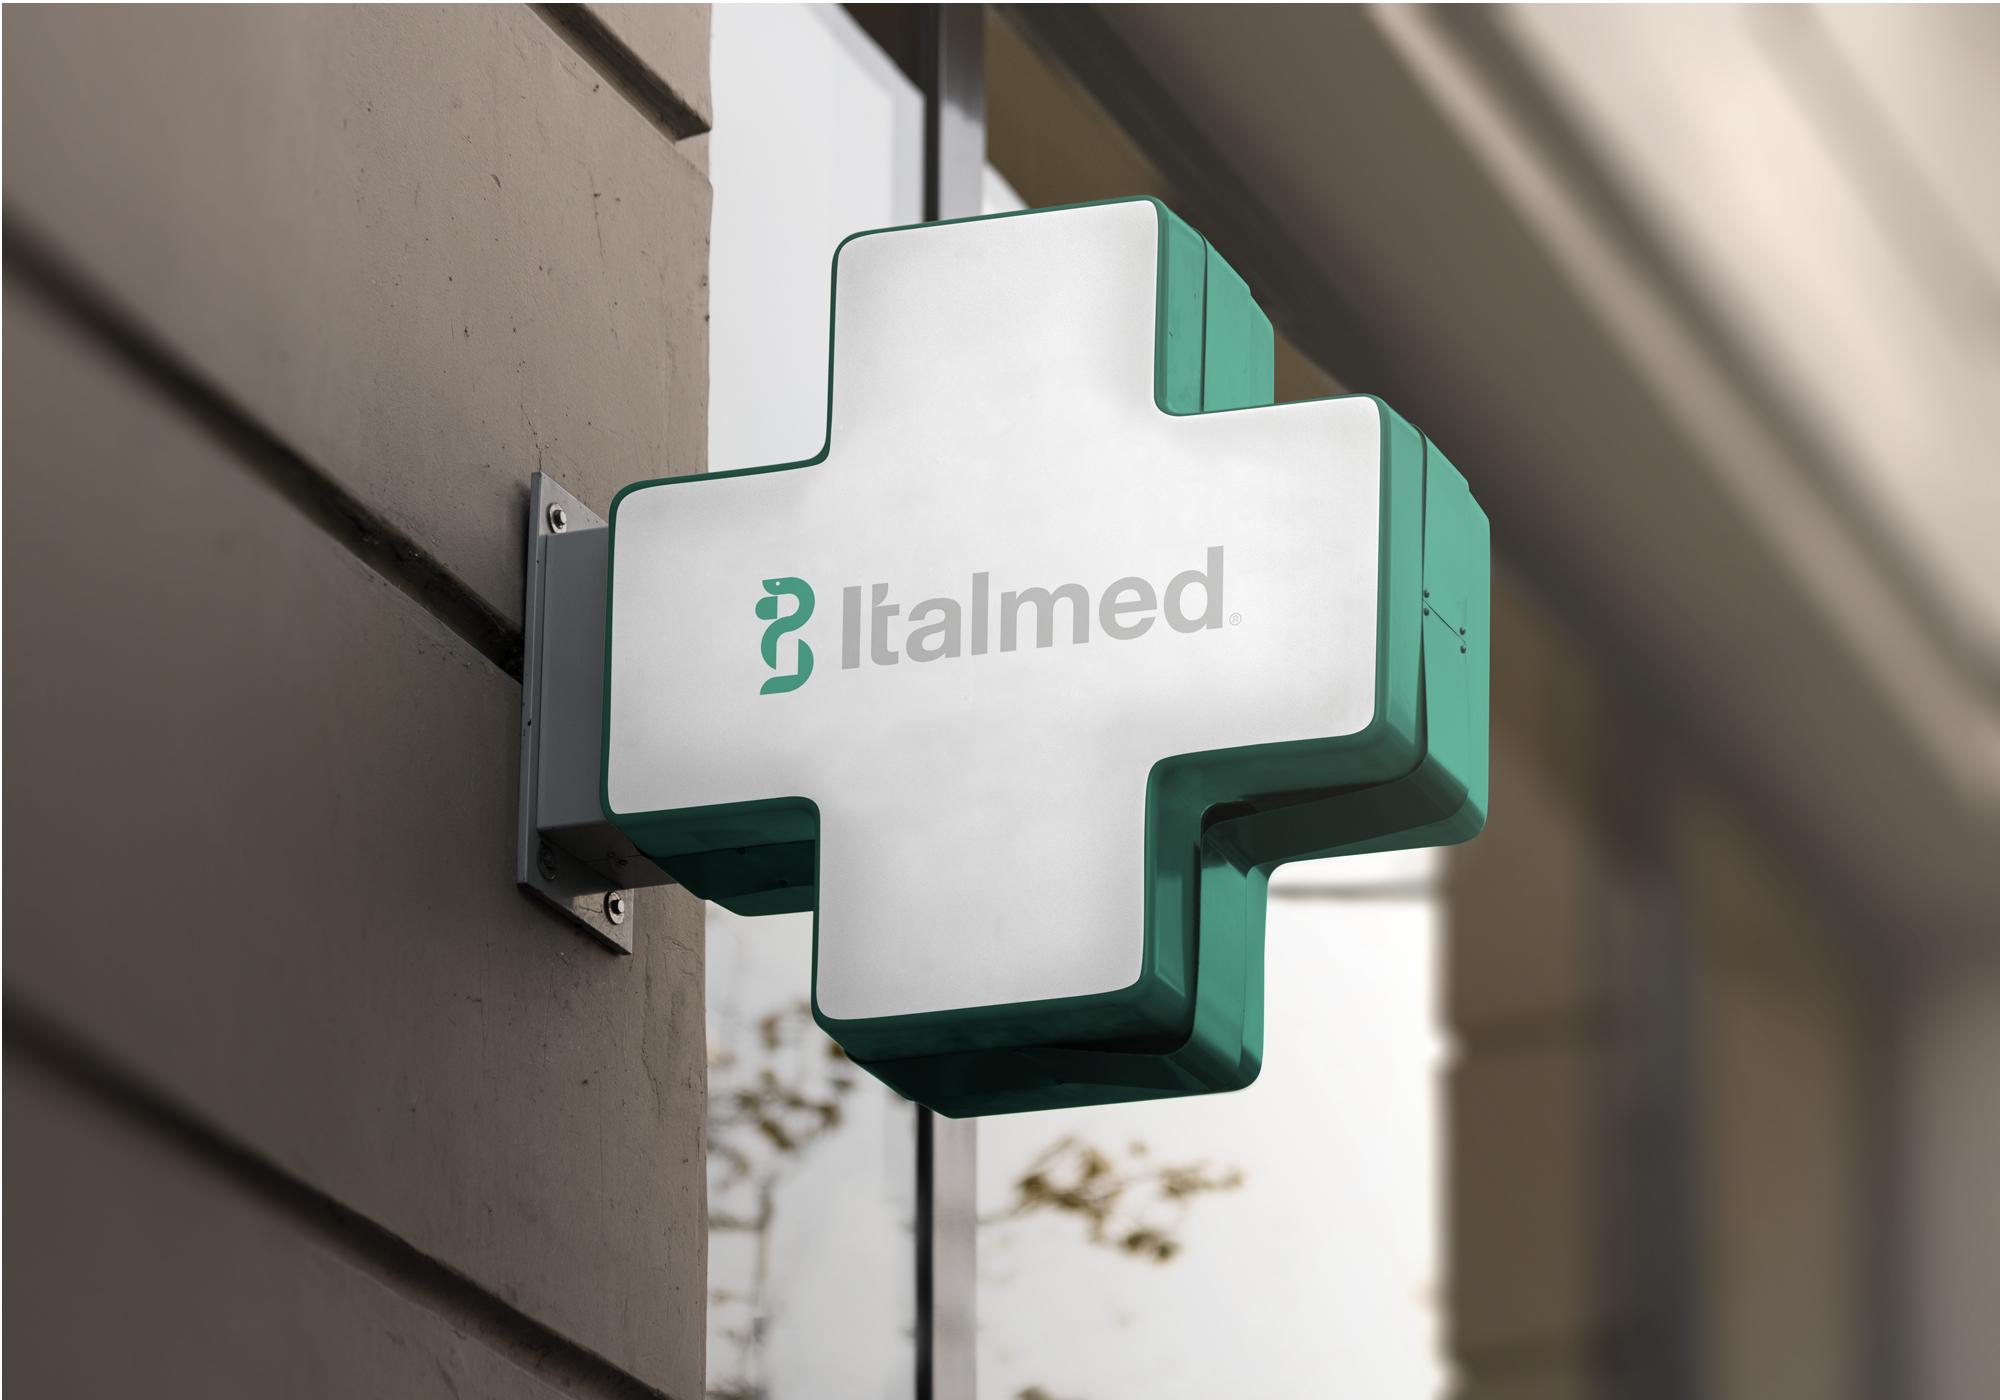 Italmed - Branding